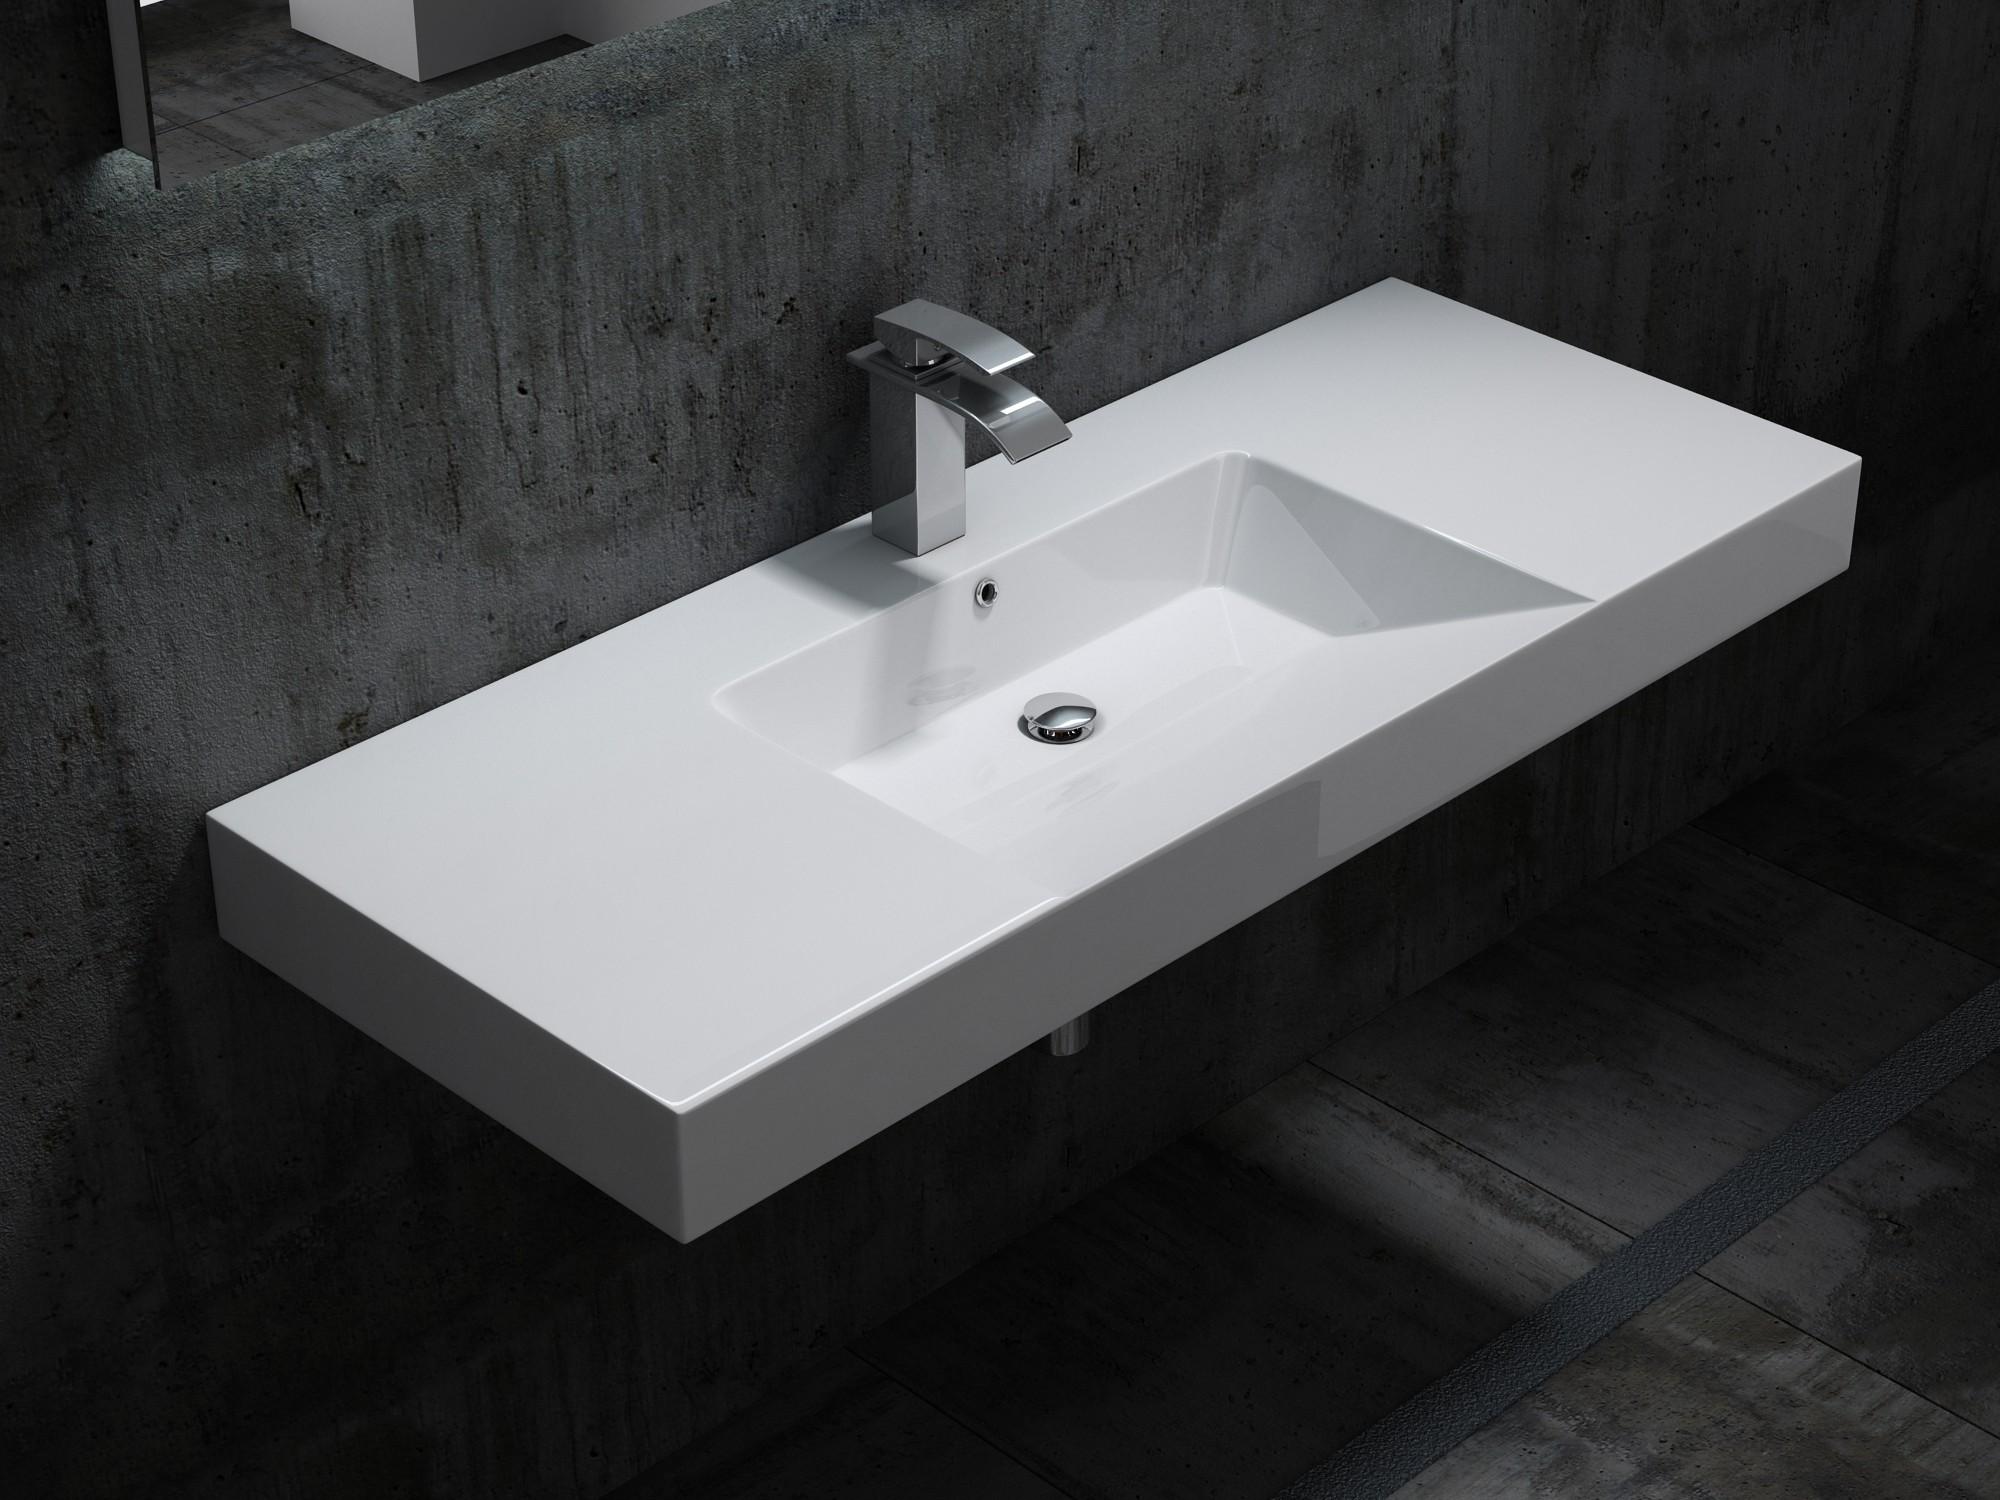 Wandwaschbecken BS6036 in Weiß - 122 x 48 x 13,5 cm